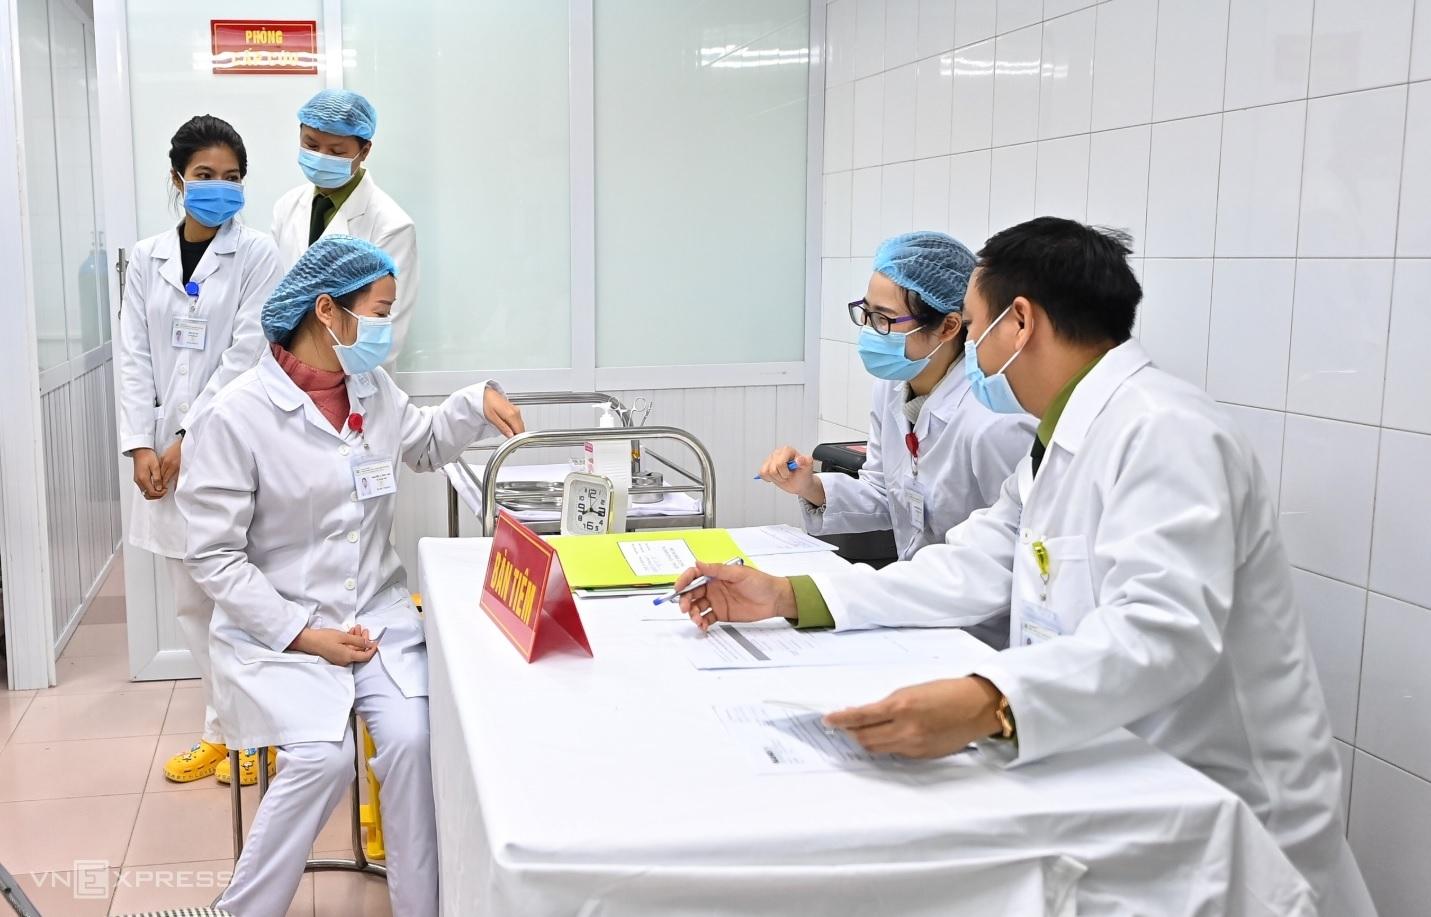 Nhân viên y tế tại Học viện Quân y chuẩn bị khám lâm sàng cho người tiêm thử vaccine Nanocovax. Ảnh: Giang Huy.